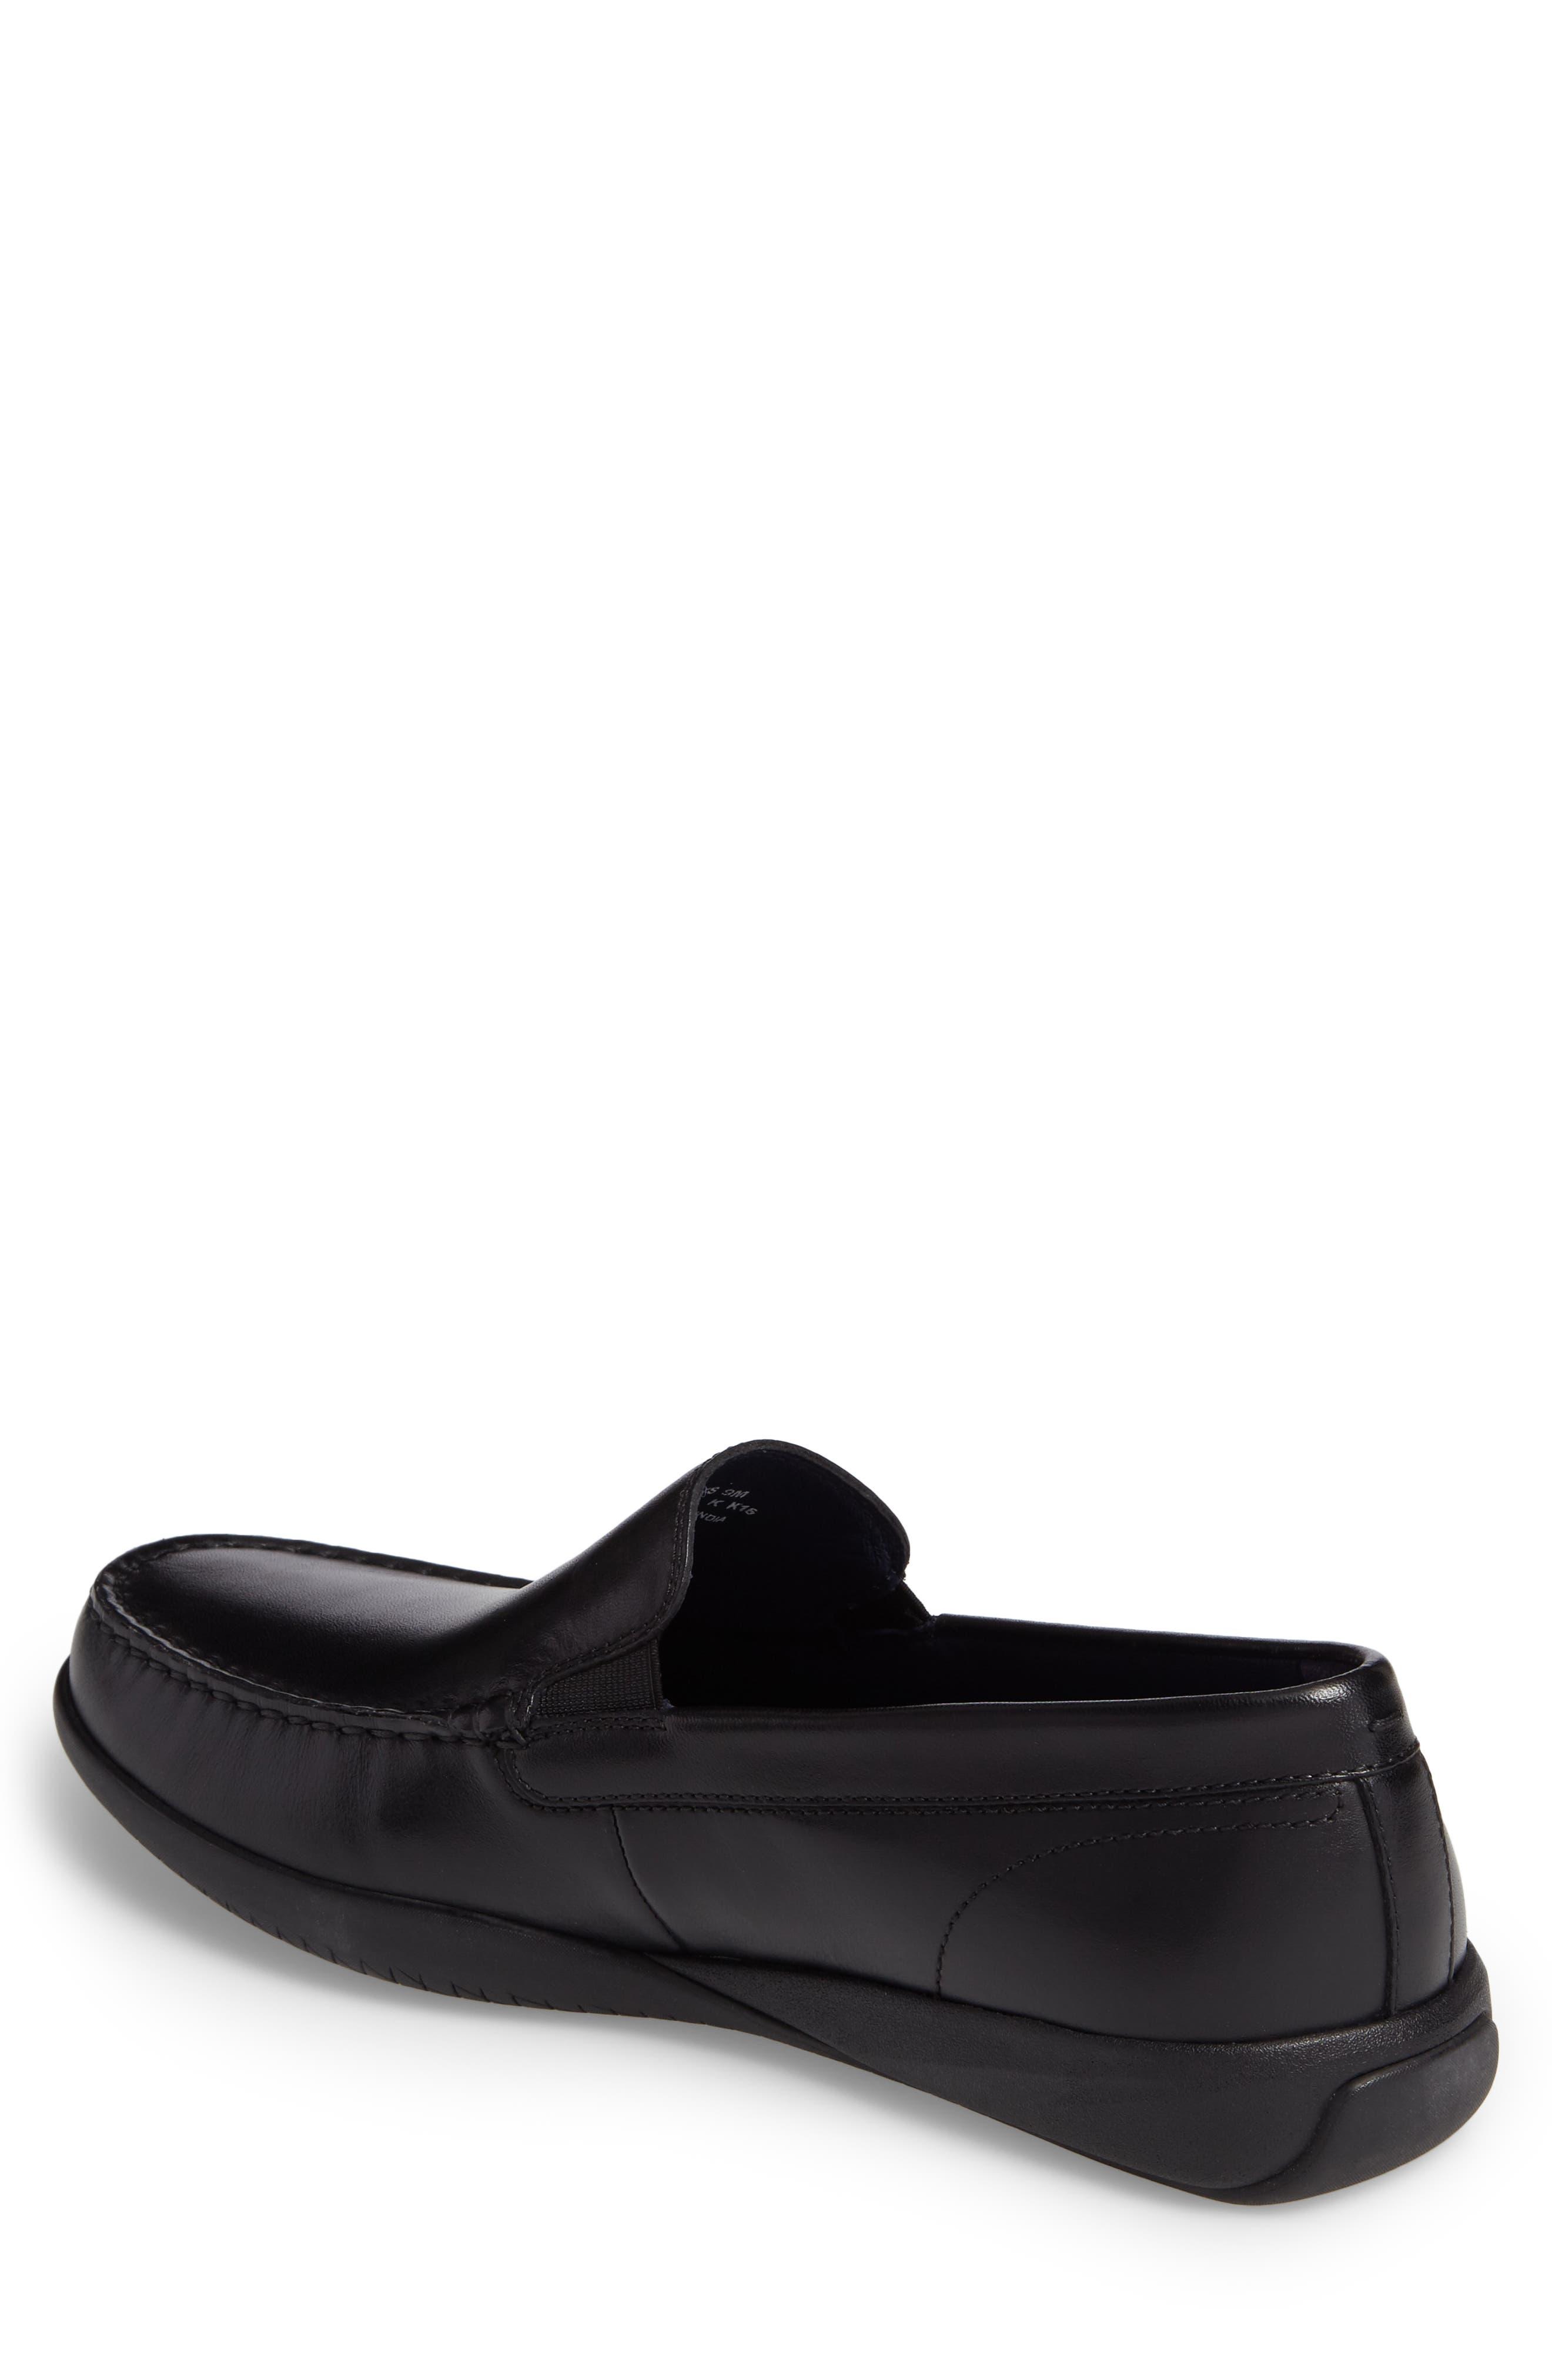 Lovell 2 Loafer,                             Alternate thumbnail 2, color,                             BLACK